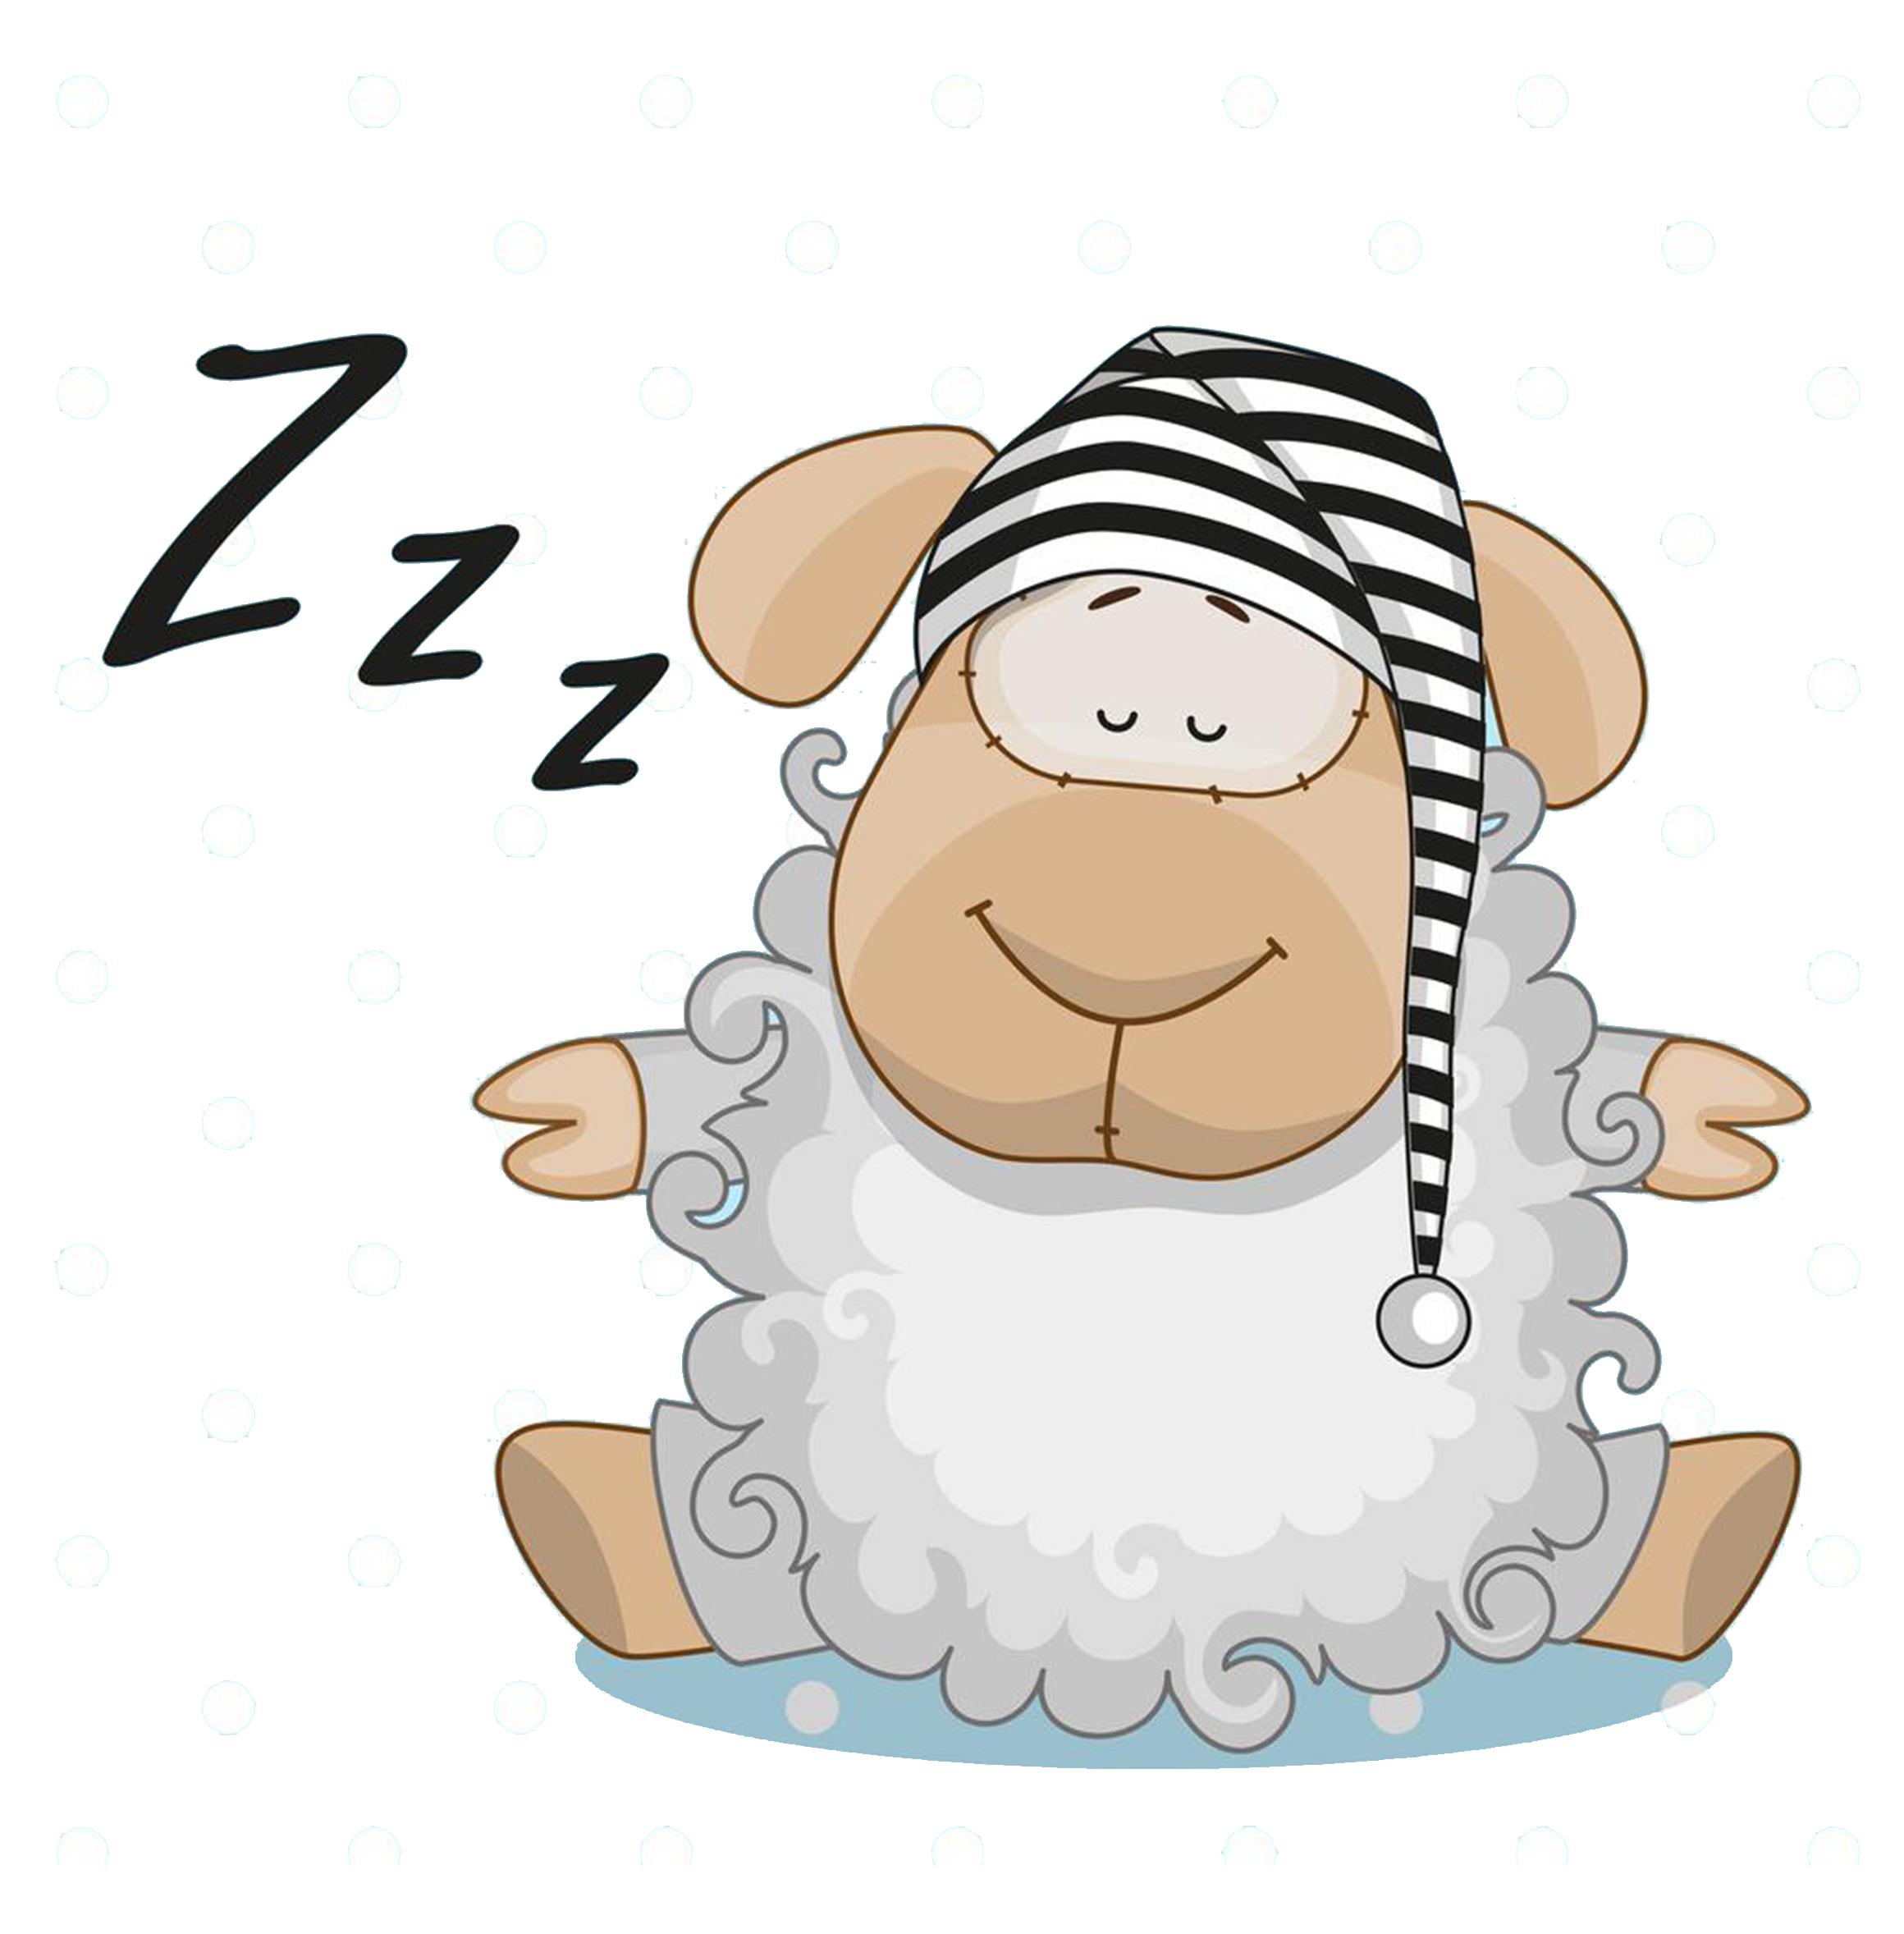 Frog sleep clip art. Clipart sheep sleeping